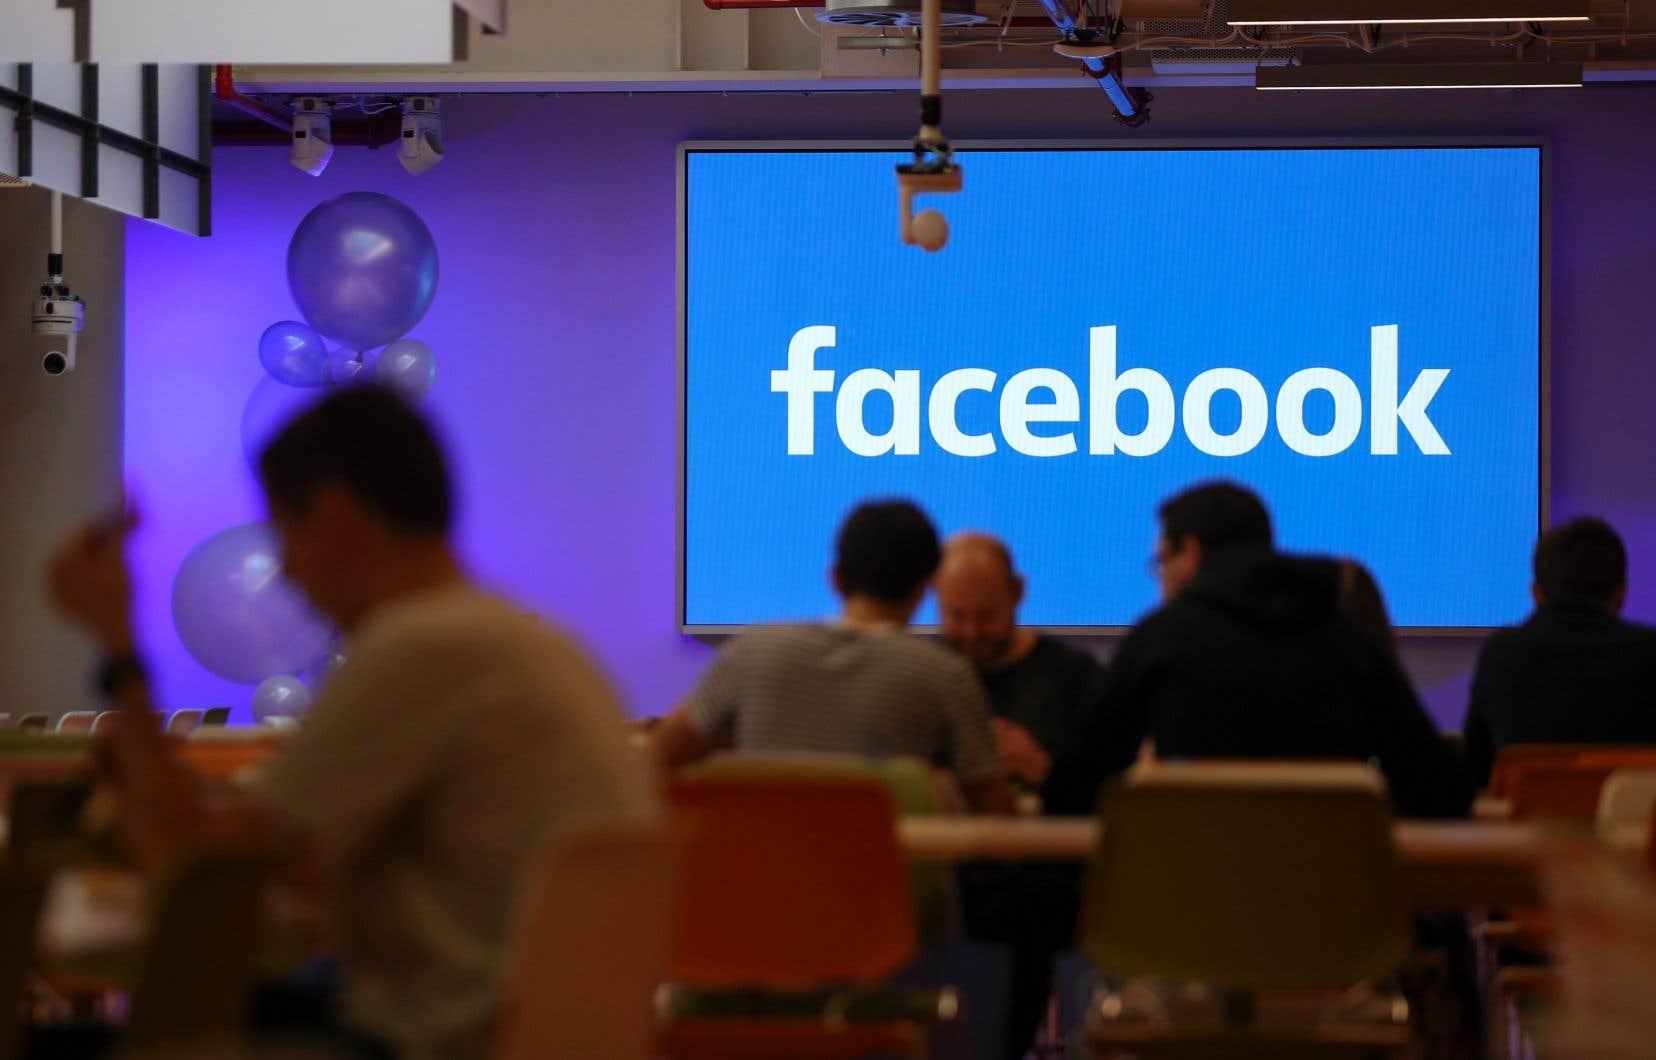 L'année a été difficile pour les entreprises technologiques, et surtout pour les réseaux sociaux comme Facebook.